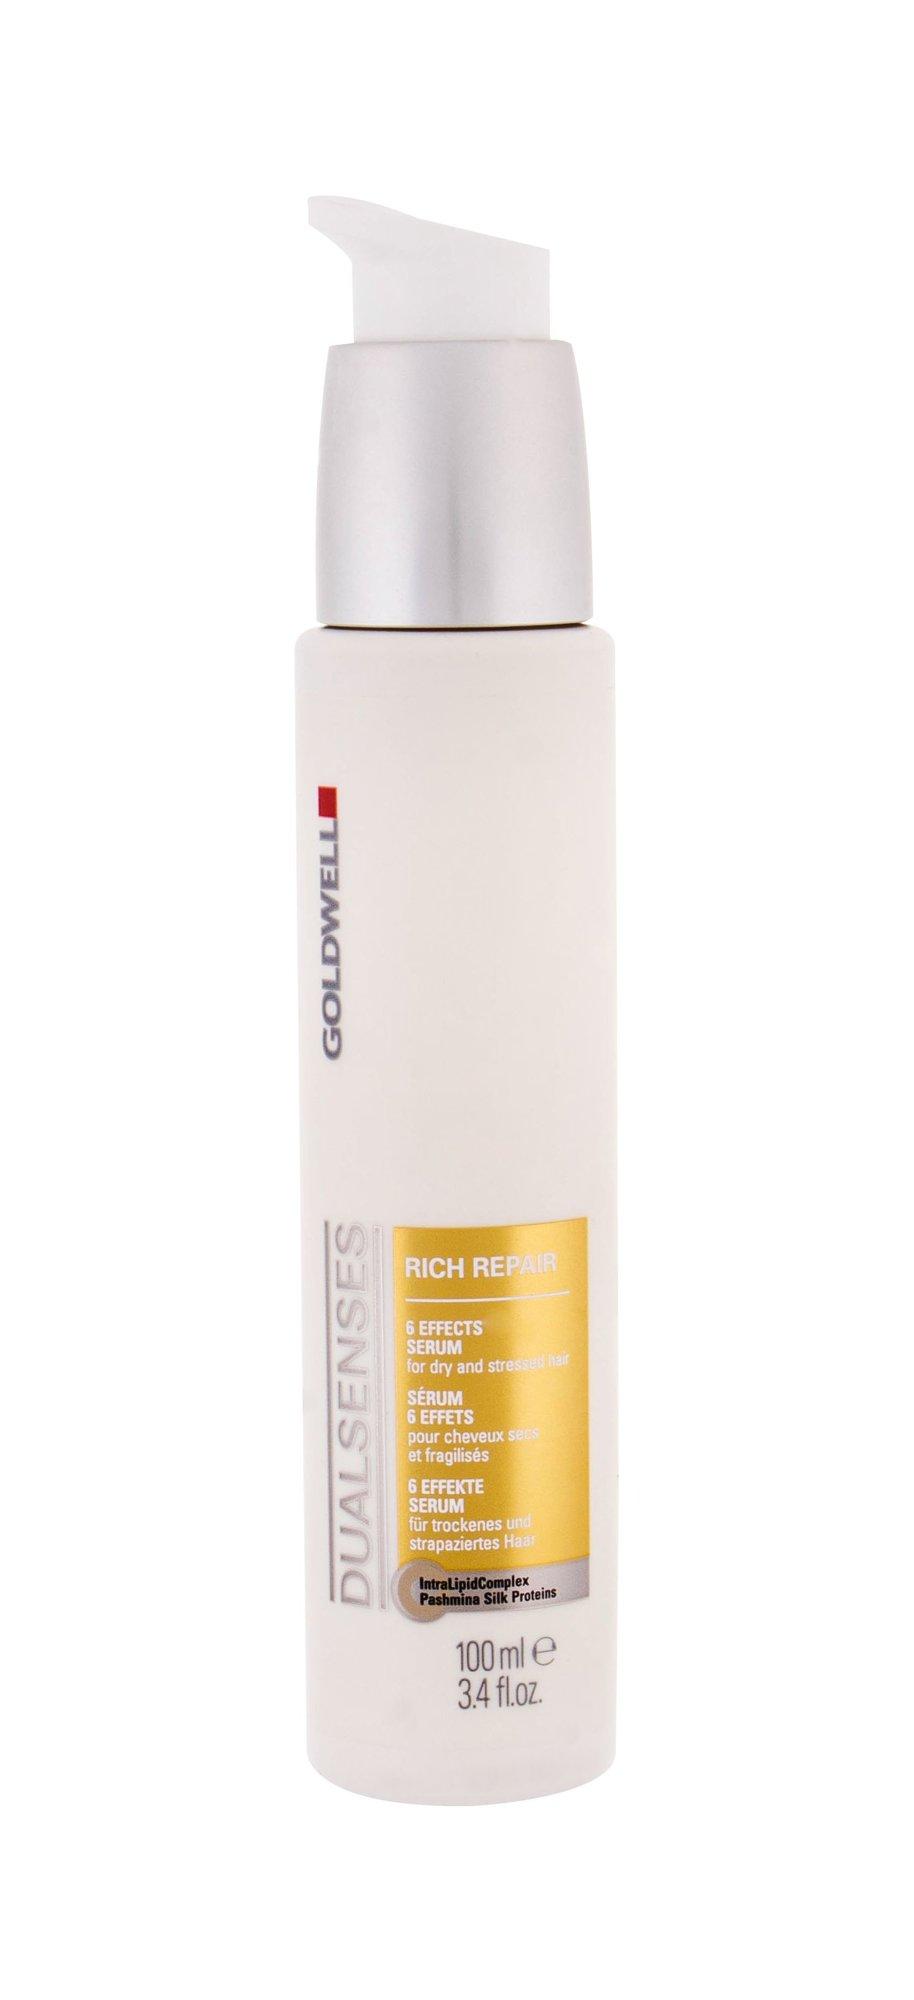 Goldwell Dualsenses Rich Repair Hair Oils and Serum 100ml